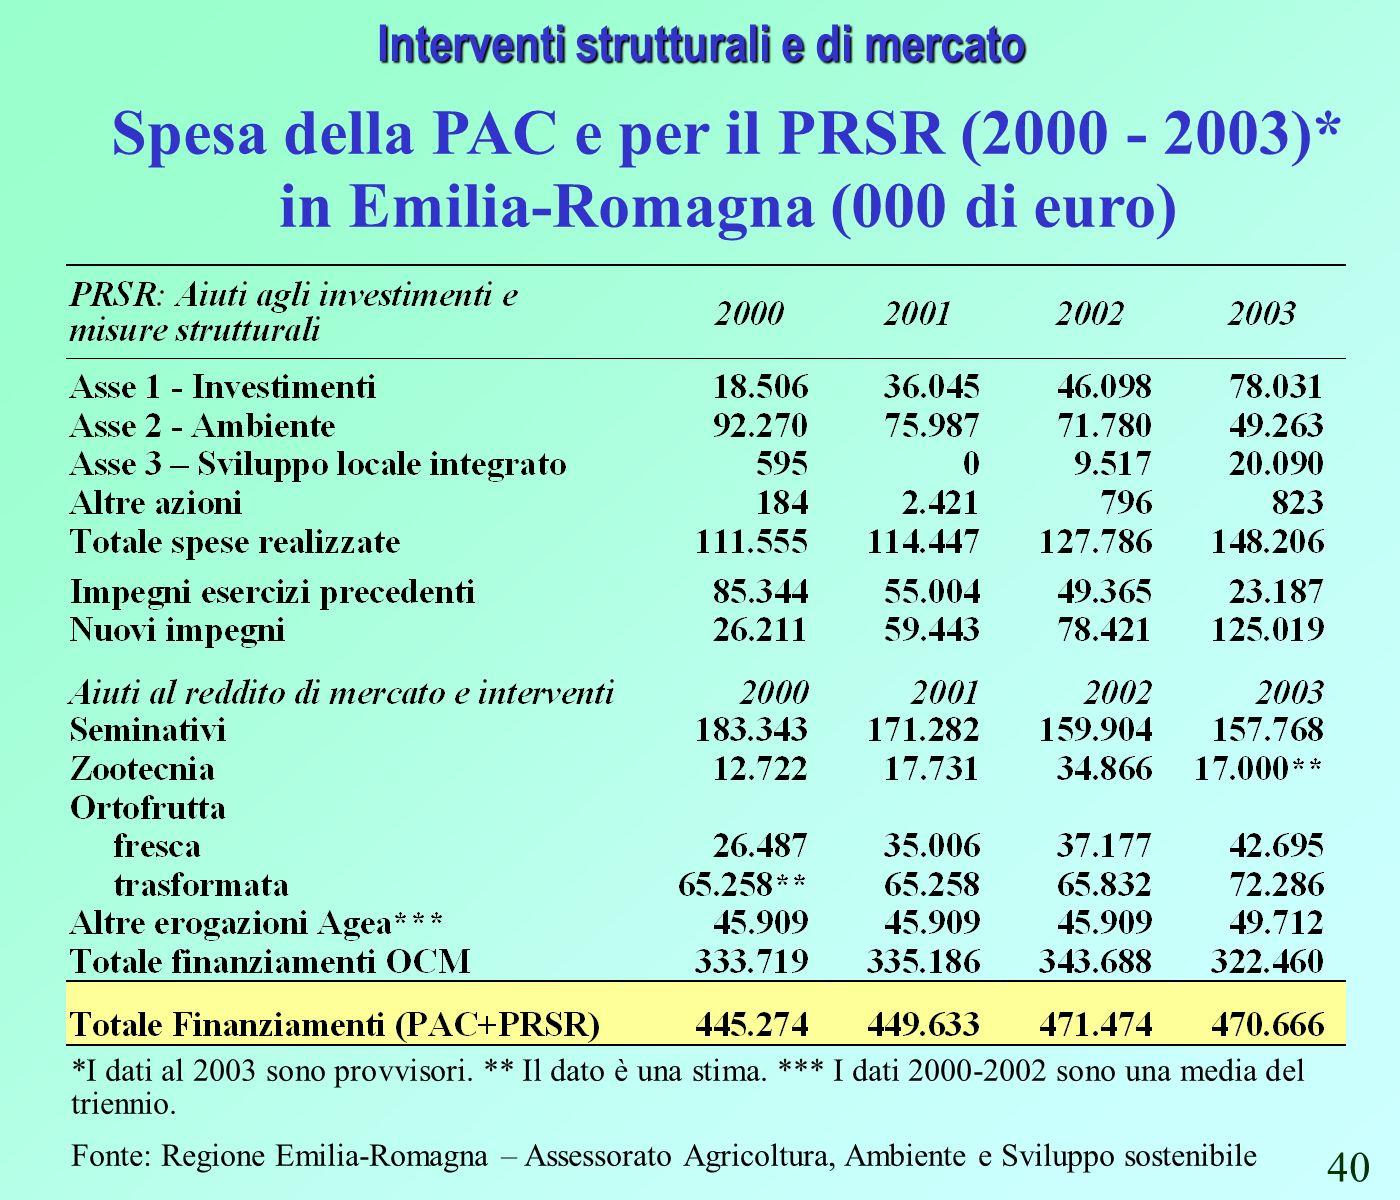 Interventi strutturali e di mercato Spesa della PAC e per il PRSR (2000 - 2003)* in Emilia-Romagna (000 di euro) *I dati al 2003 sono provvisori.